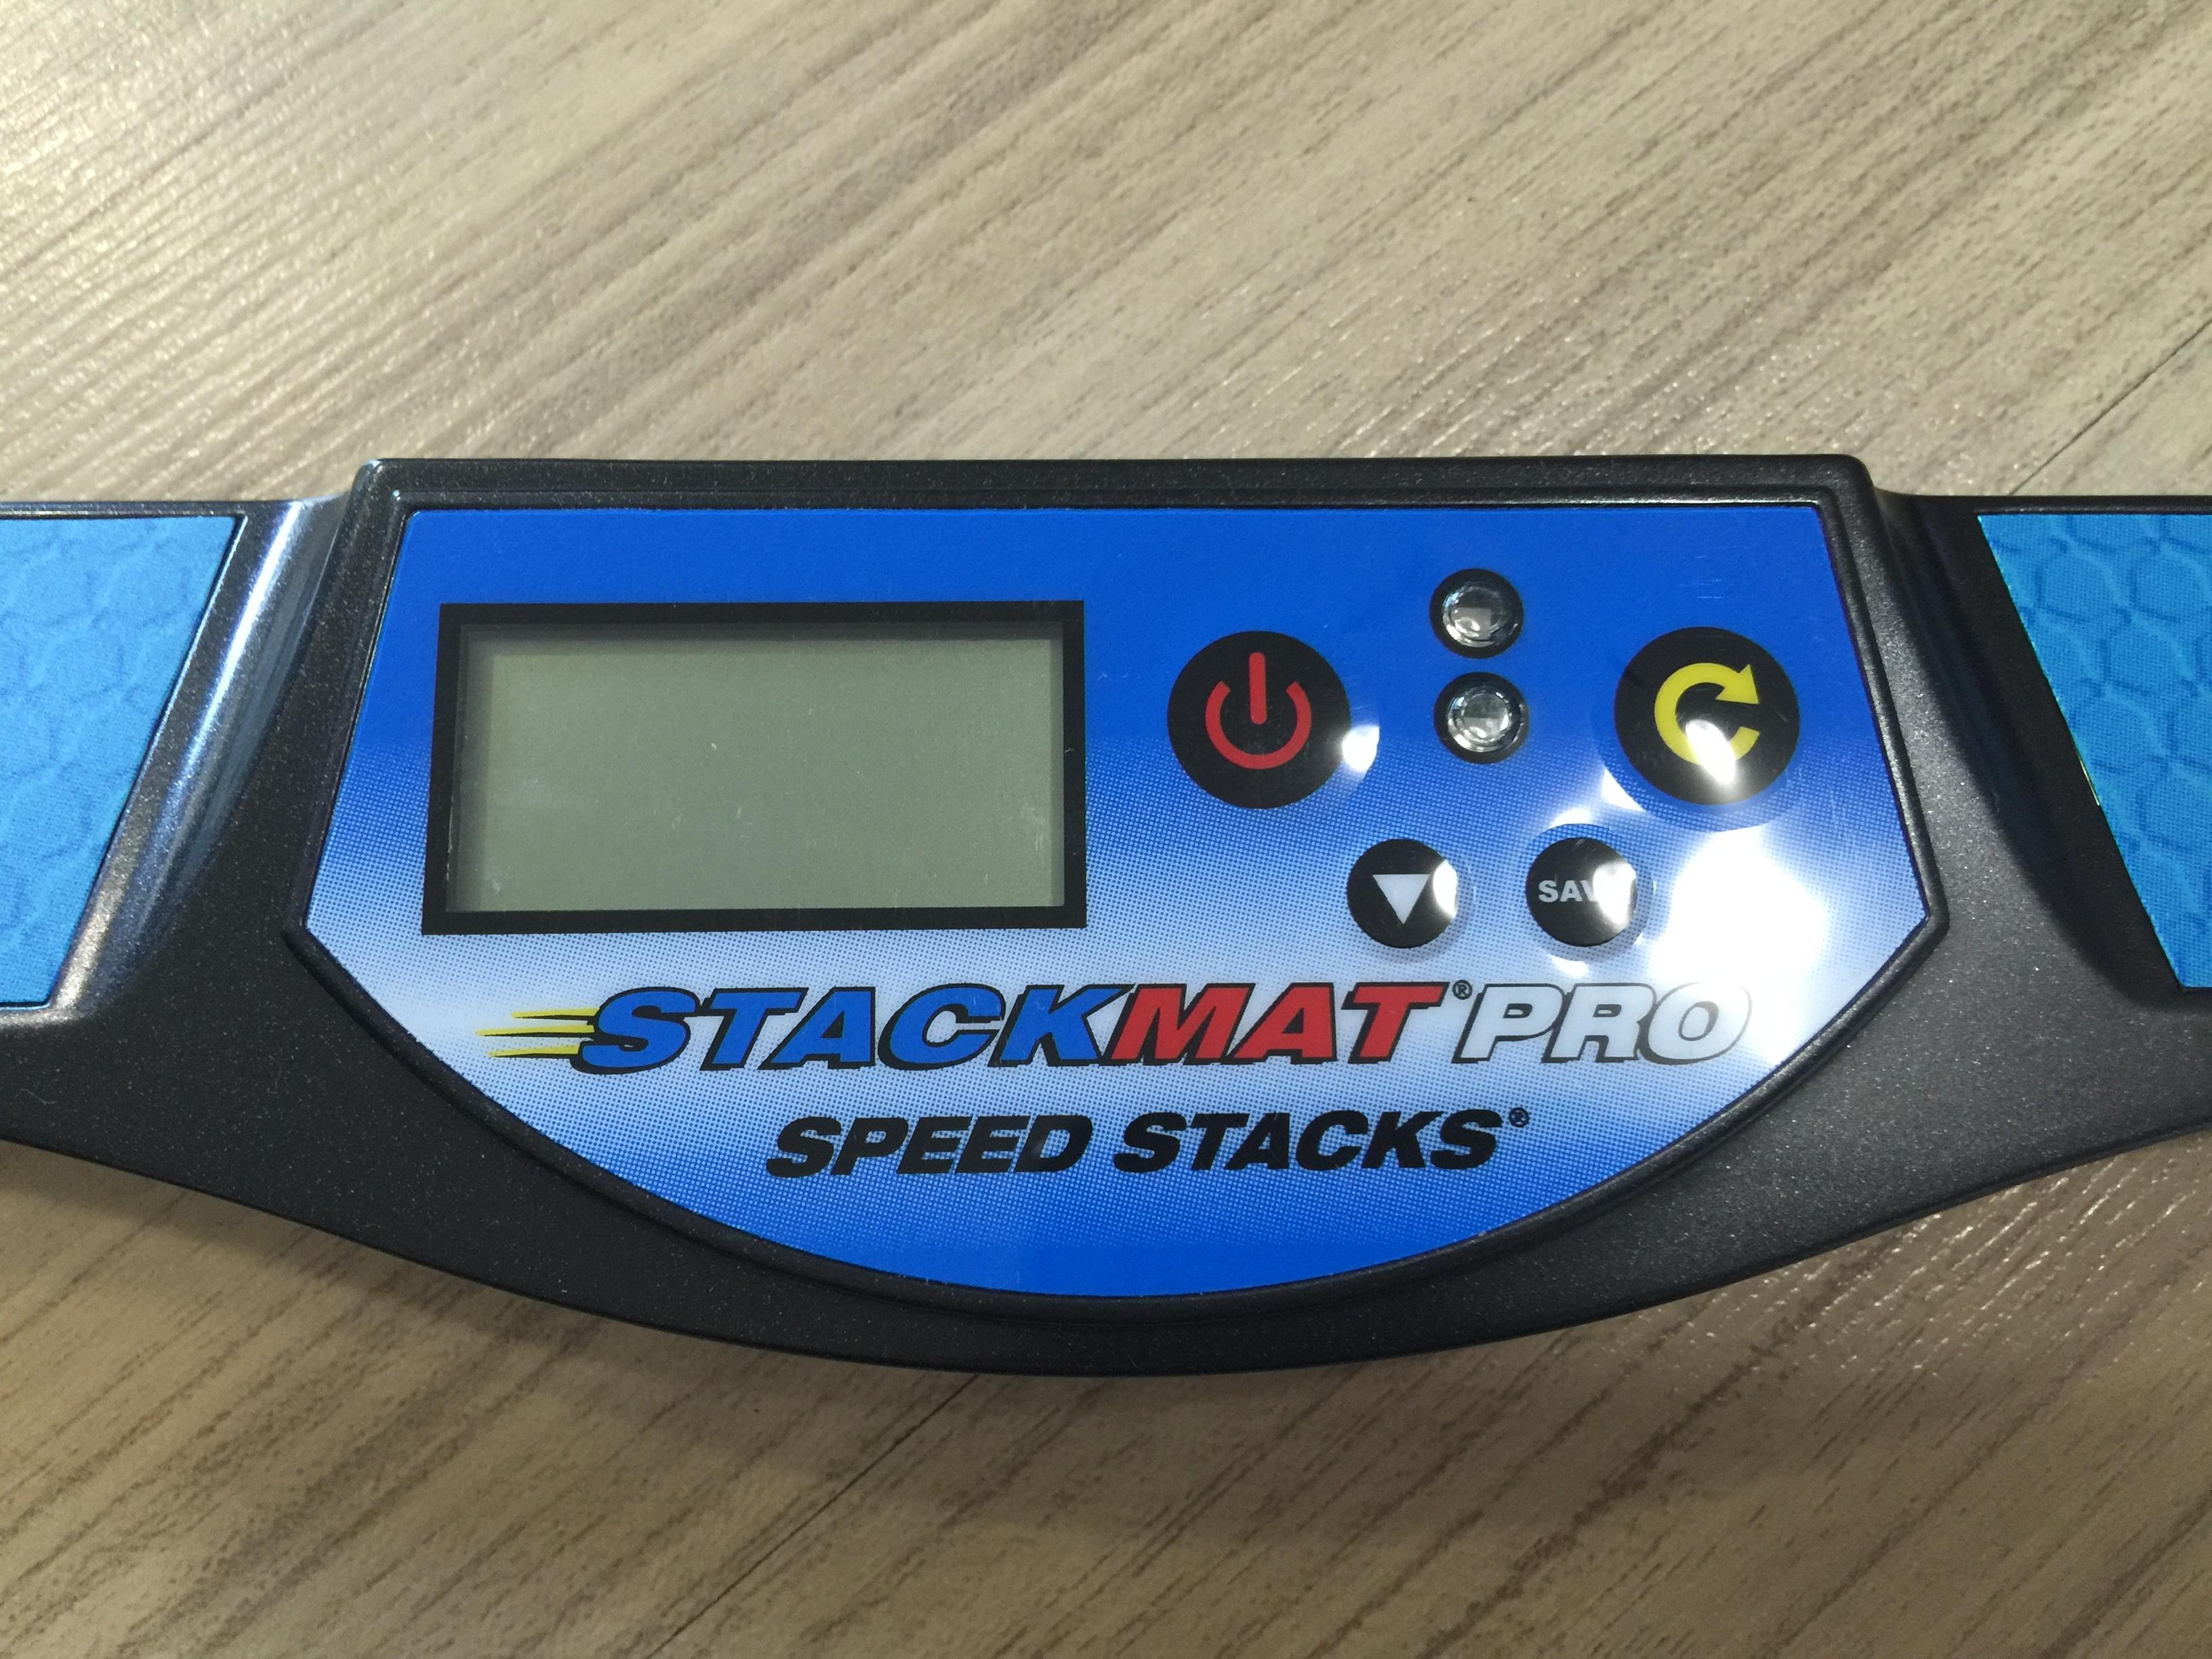 SpeedStacks StackmatPro Generation 3 Timer + Pro Mat + Hand Bag